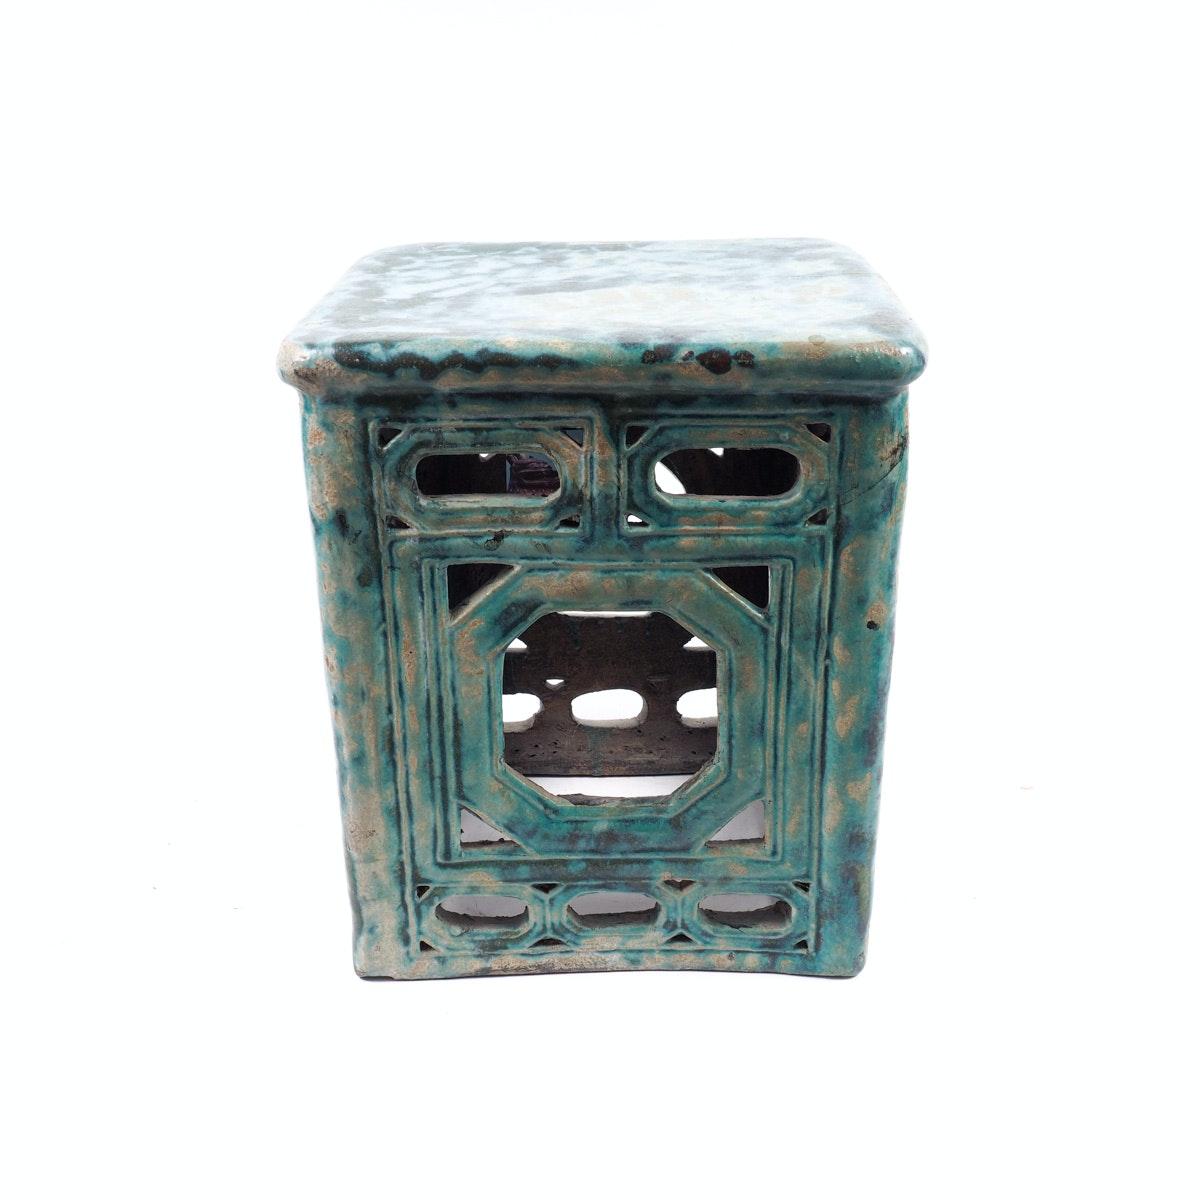 Antique Chinese Turquoise Glazed Garden Stool